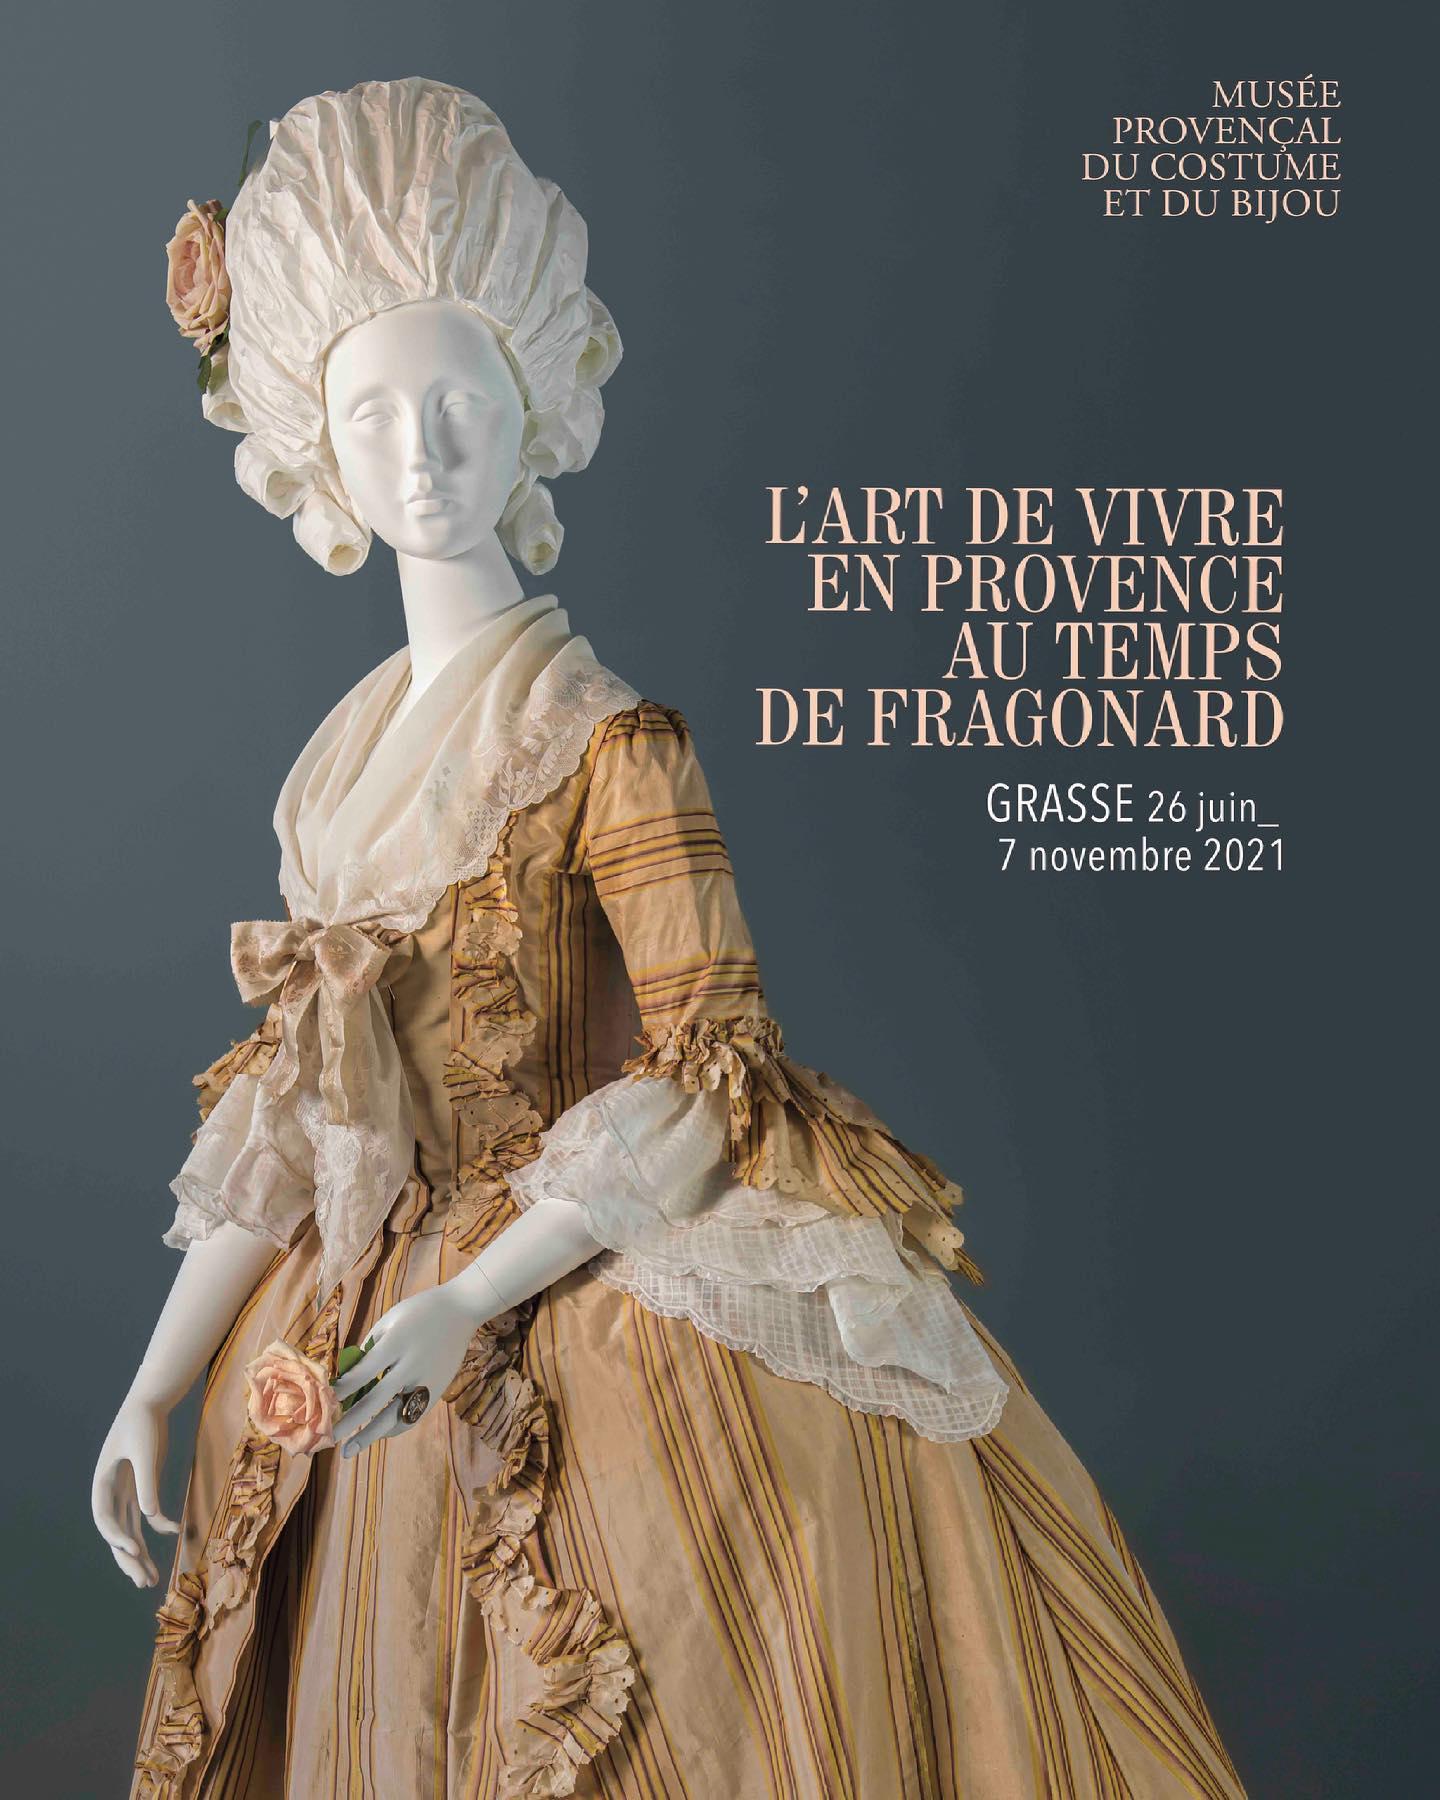 """Exposition """" L'art de vivre en Provence au temps de Fragonard """". Musée provençal du costume et du bijou (Grasse) 20072410"""